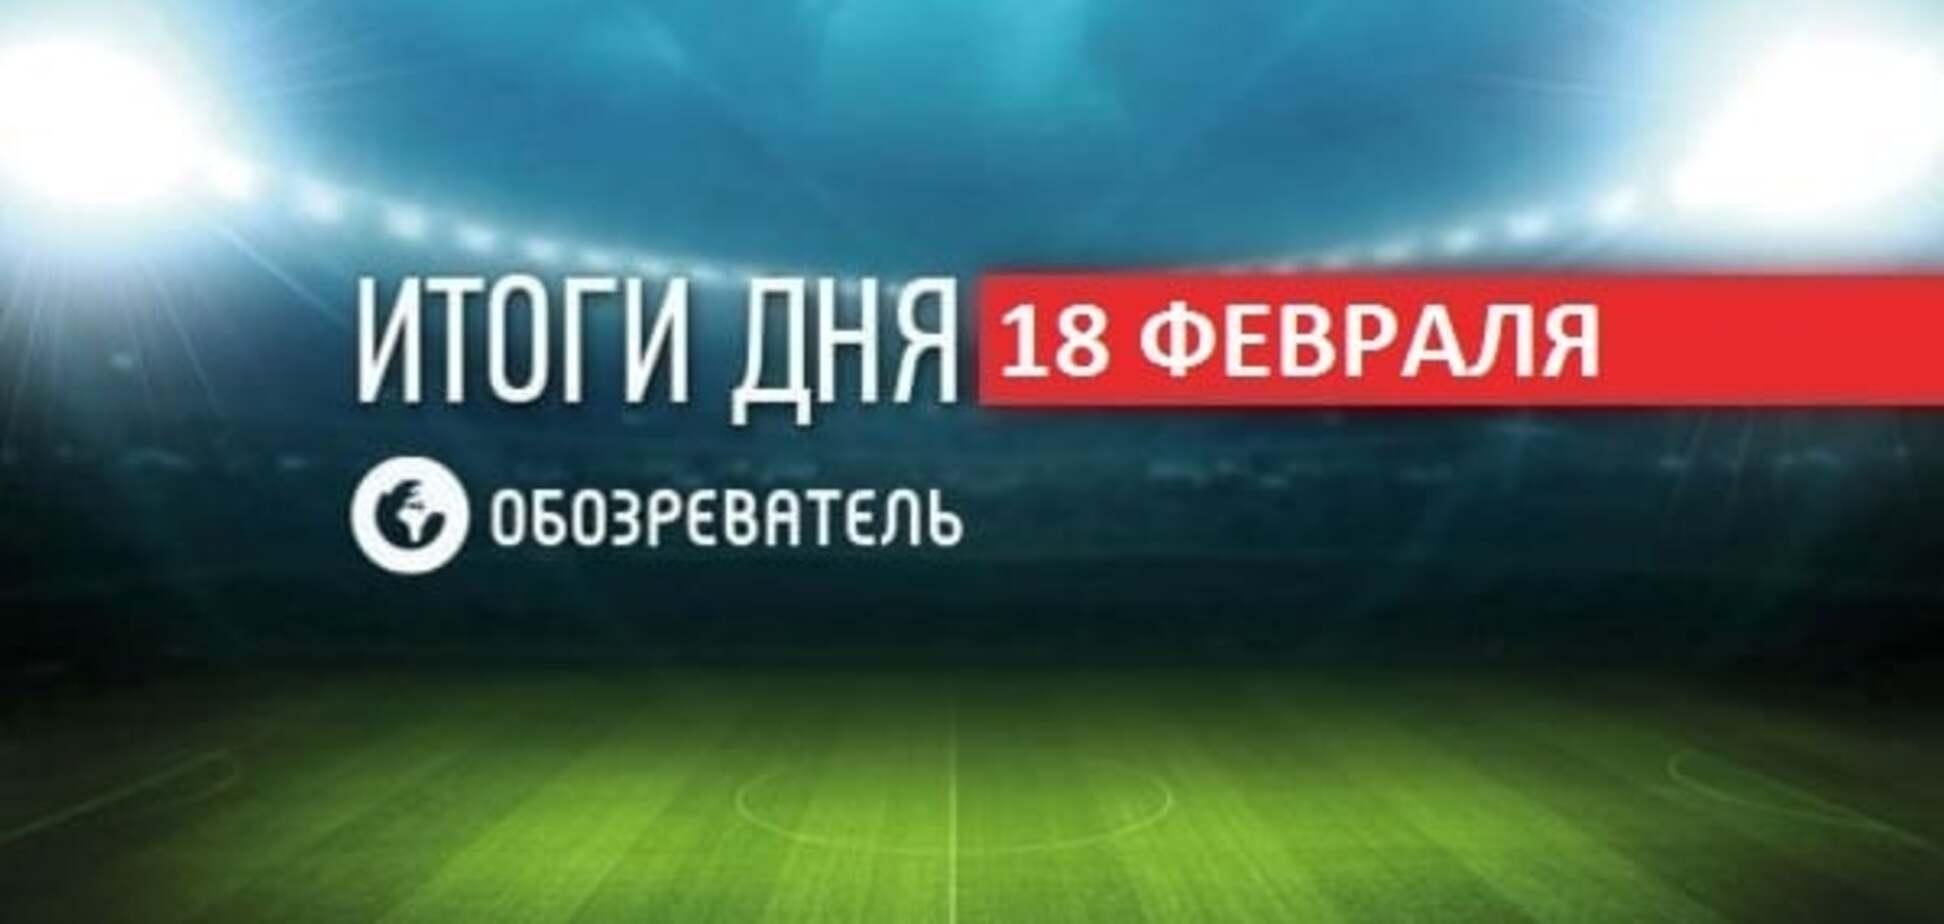 Штраф за футболку з Путіним і проблеми Луческу. Спортивні підсумки 18 лютого